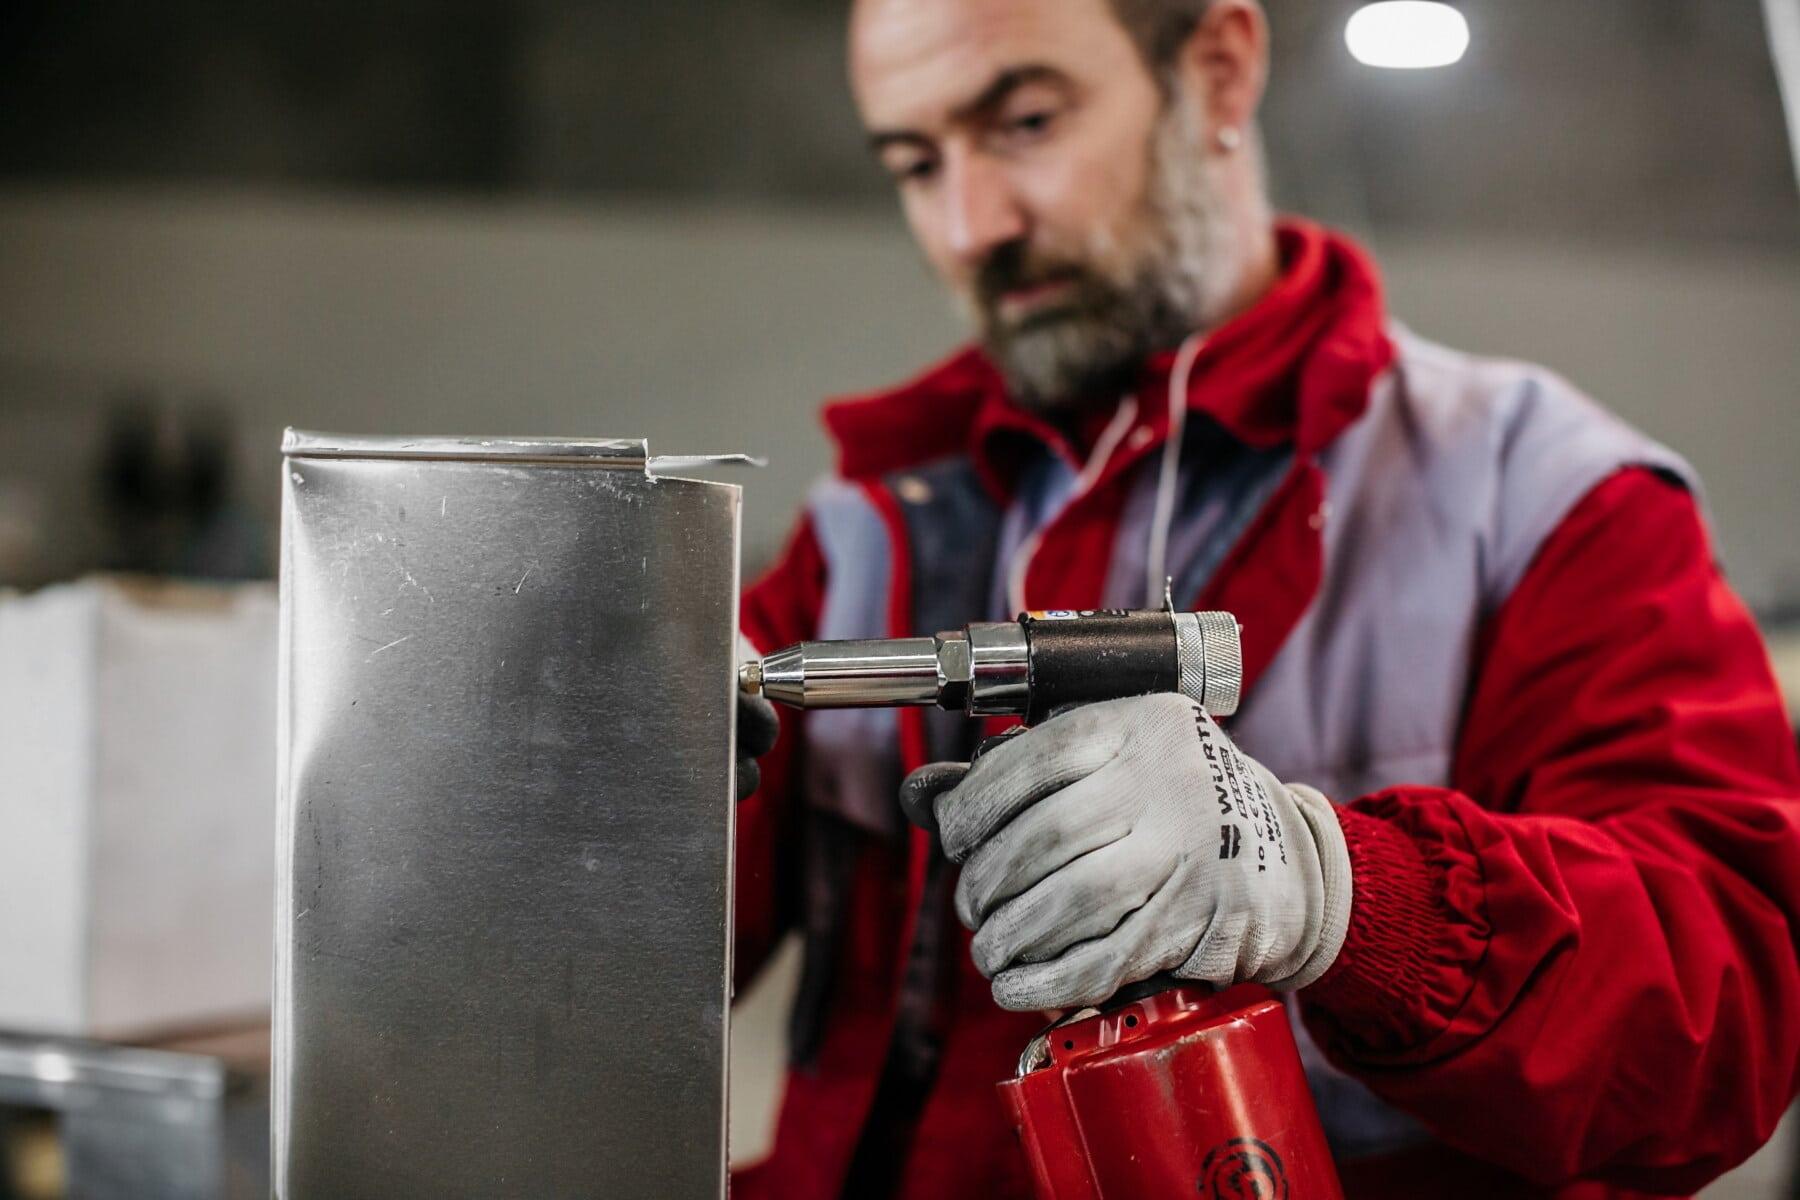 operaio, fatto a mano, artigiano, officina, settore, ingegneria, in acciaio inox, strumento mano, acciaio inox, persona